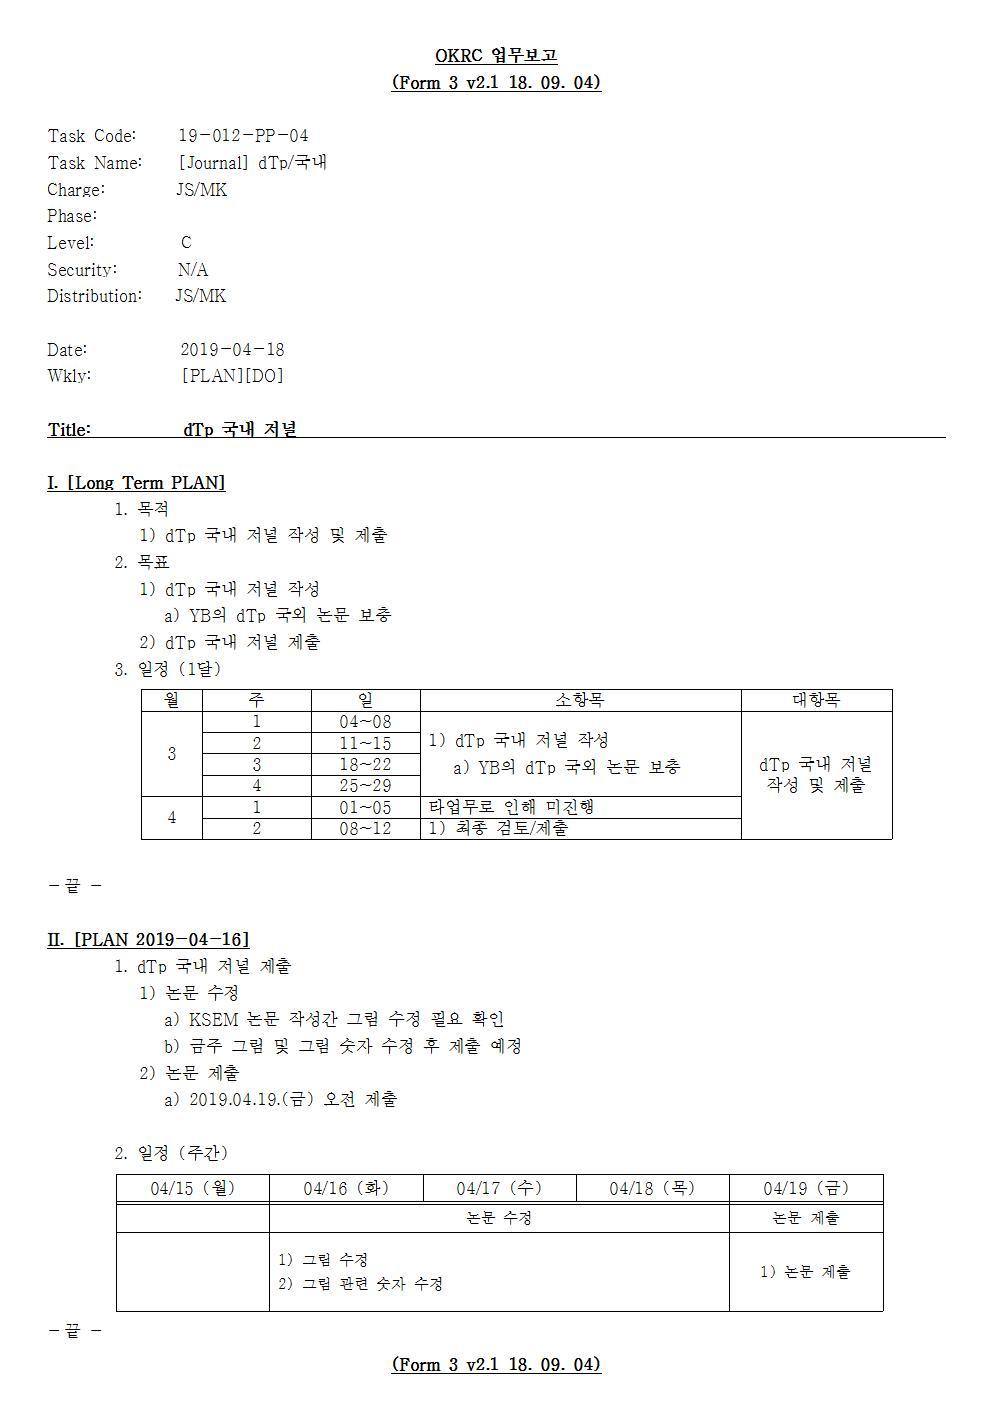 D-[19-012-PP-04]-[dTp-국내]-[2019-04-18][JS]001.jpg